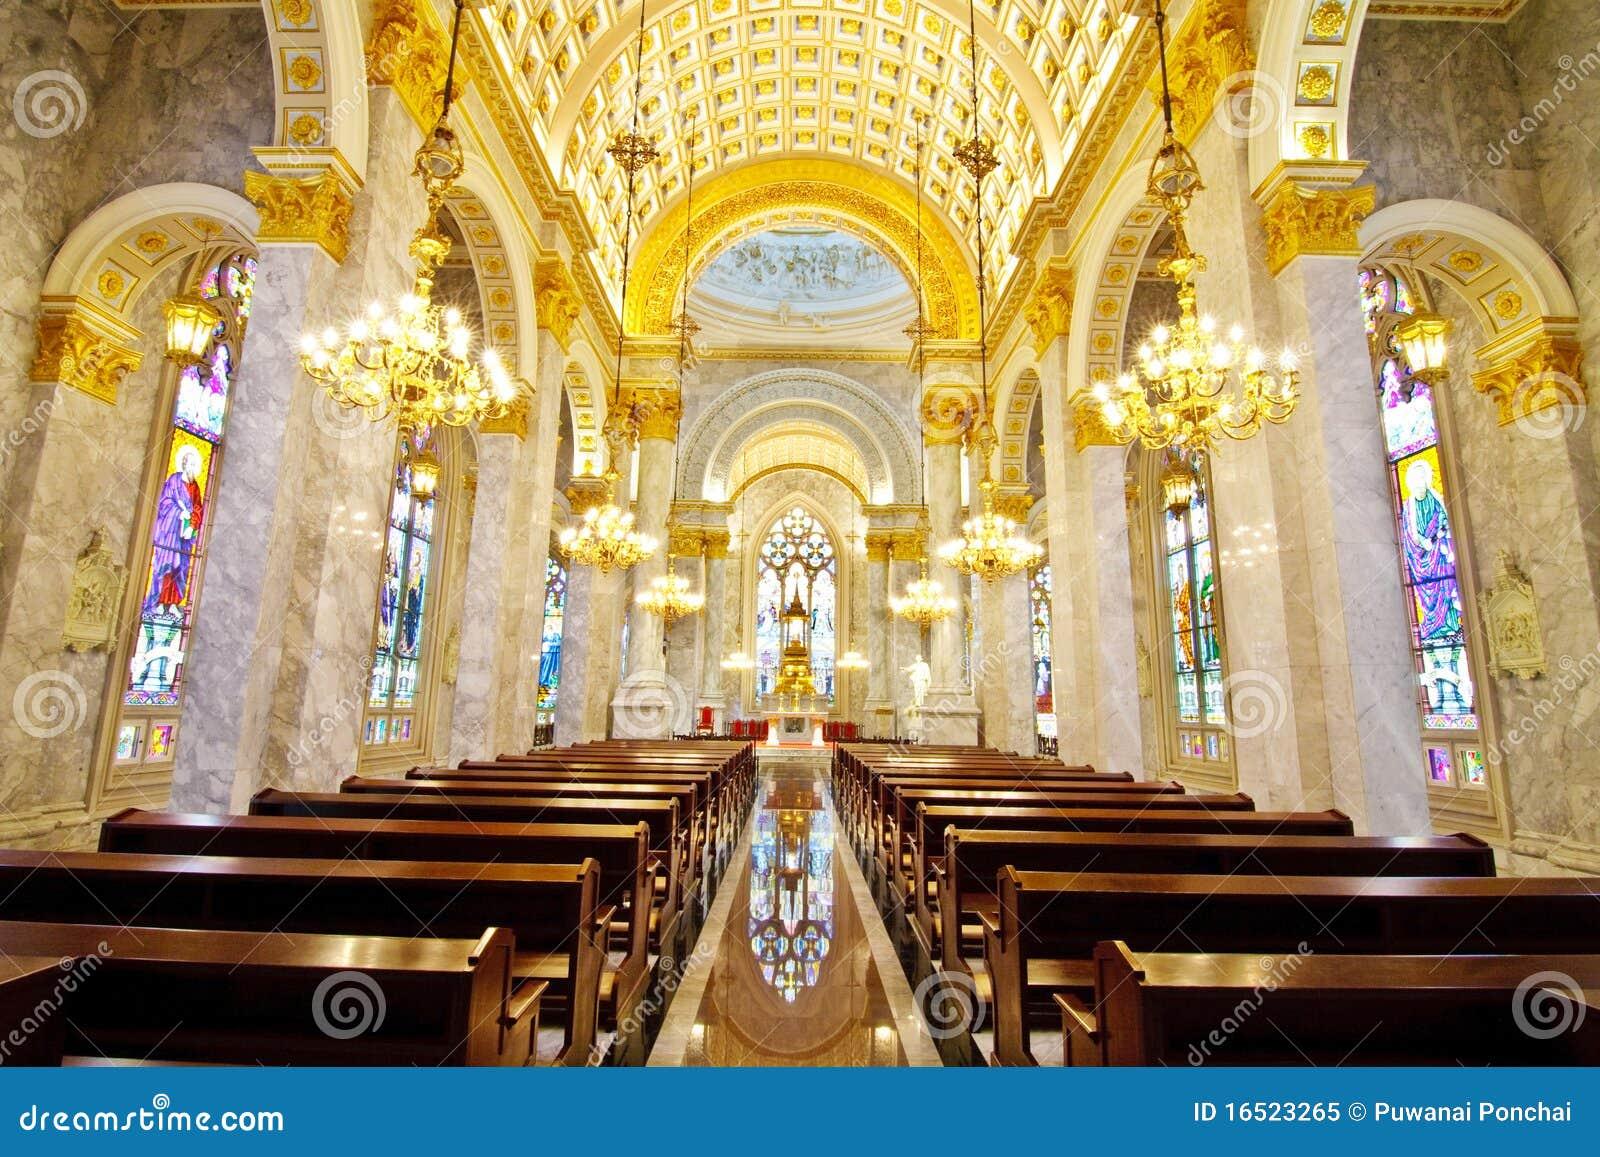 Interiore all 39 interno di una chiesa cattolica immagine for All interno di una cabina